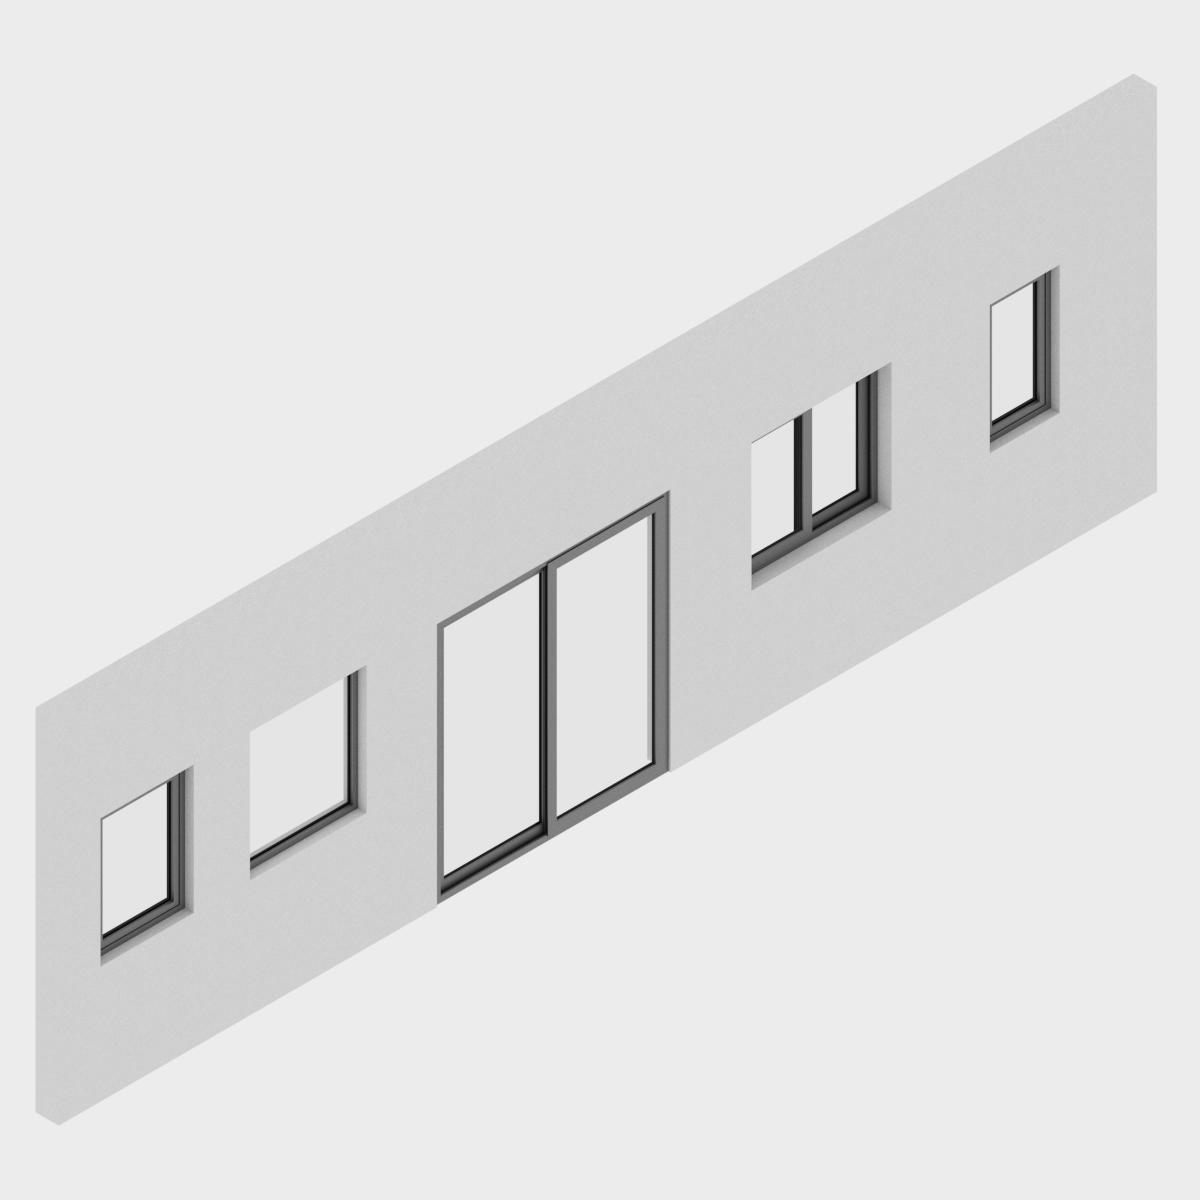 Rahmen Linea Quiebre termico